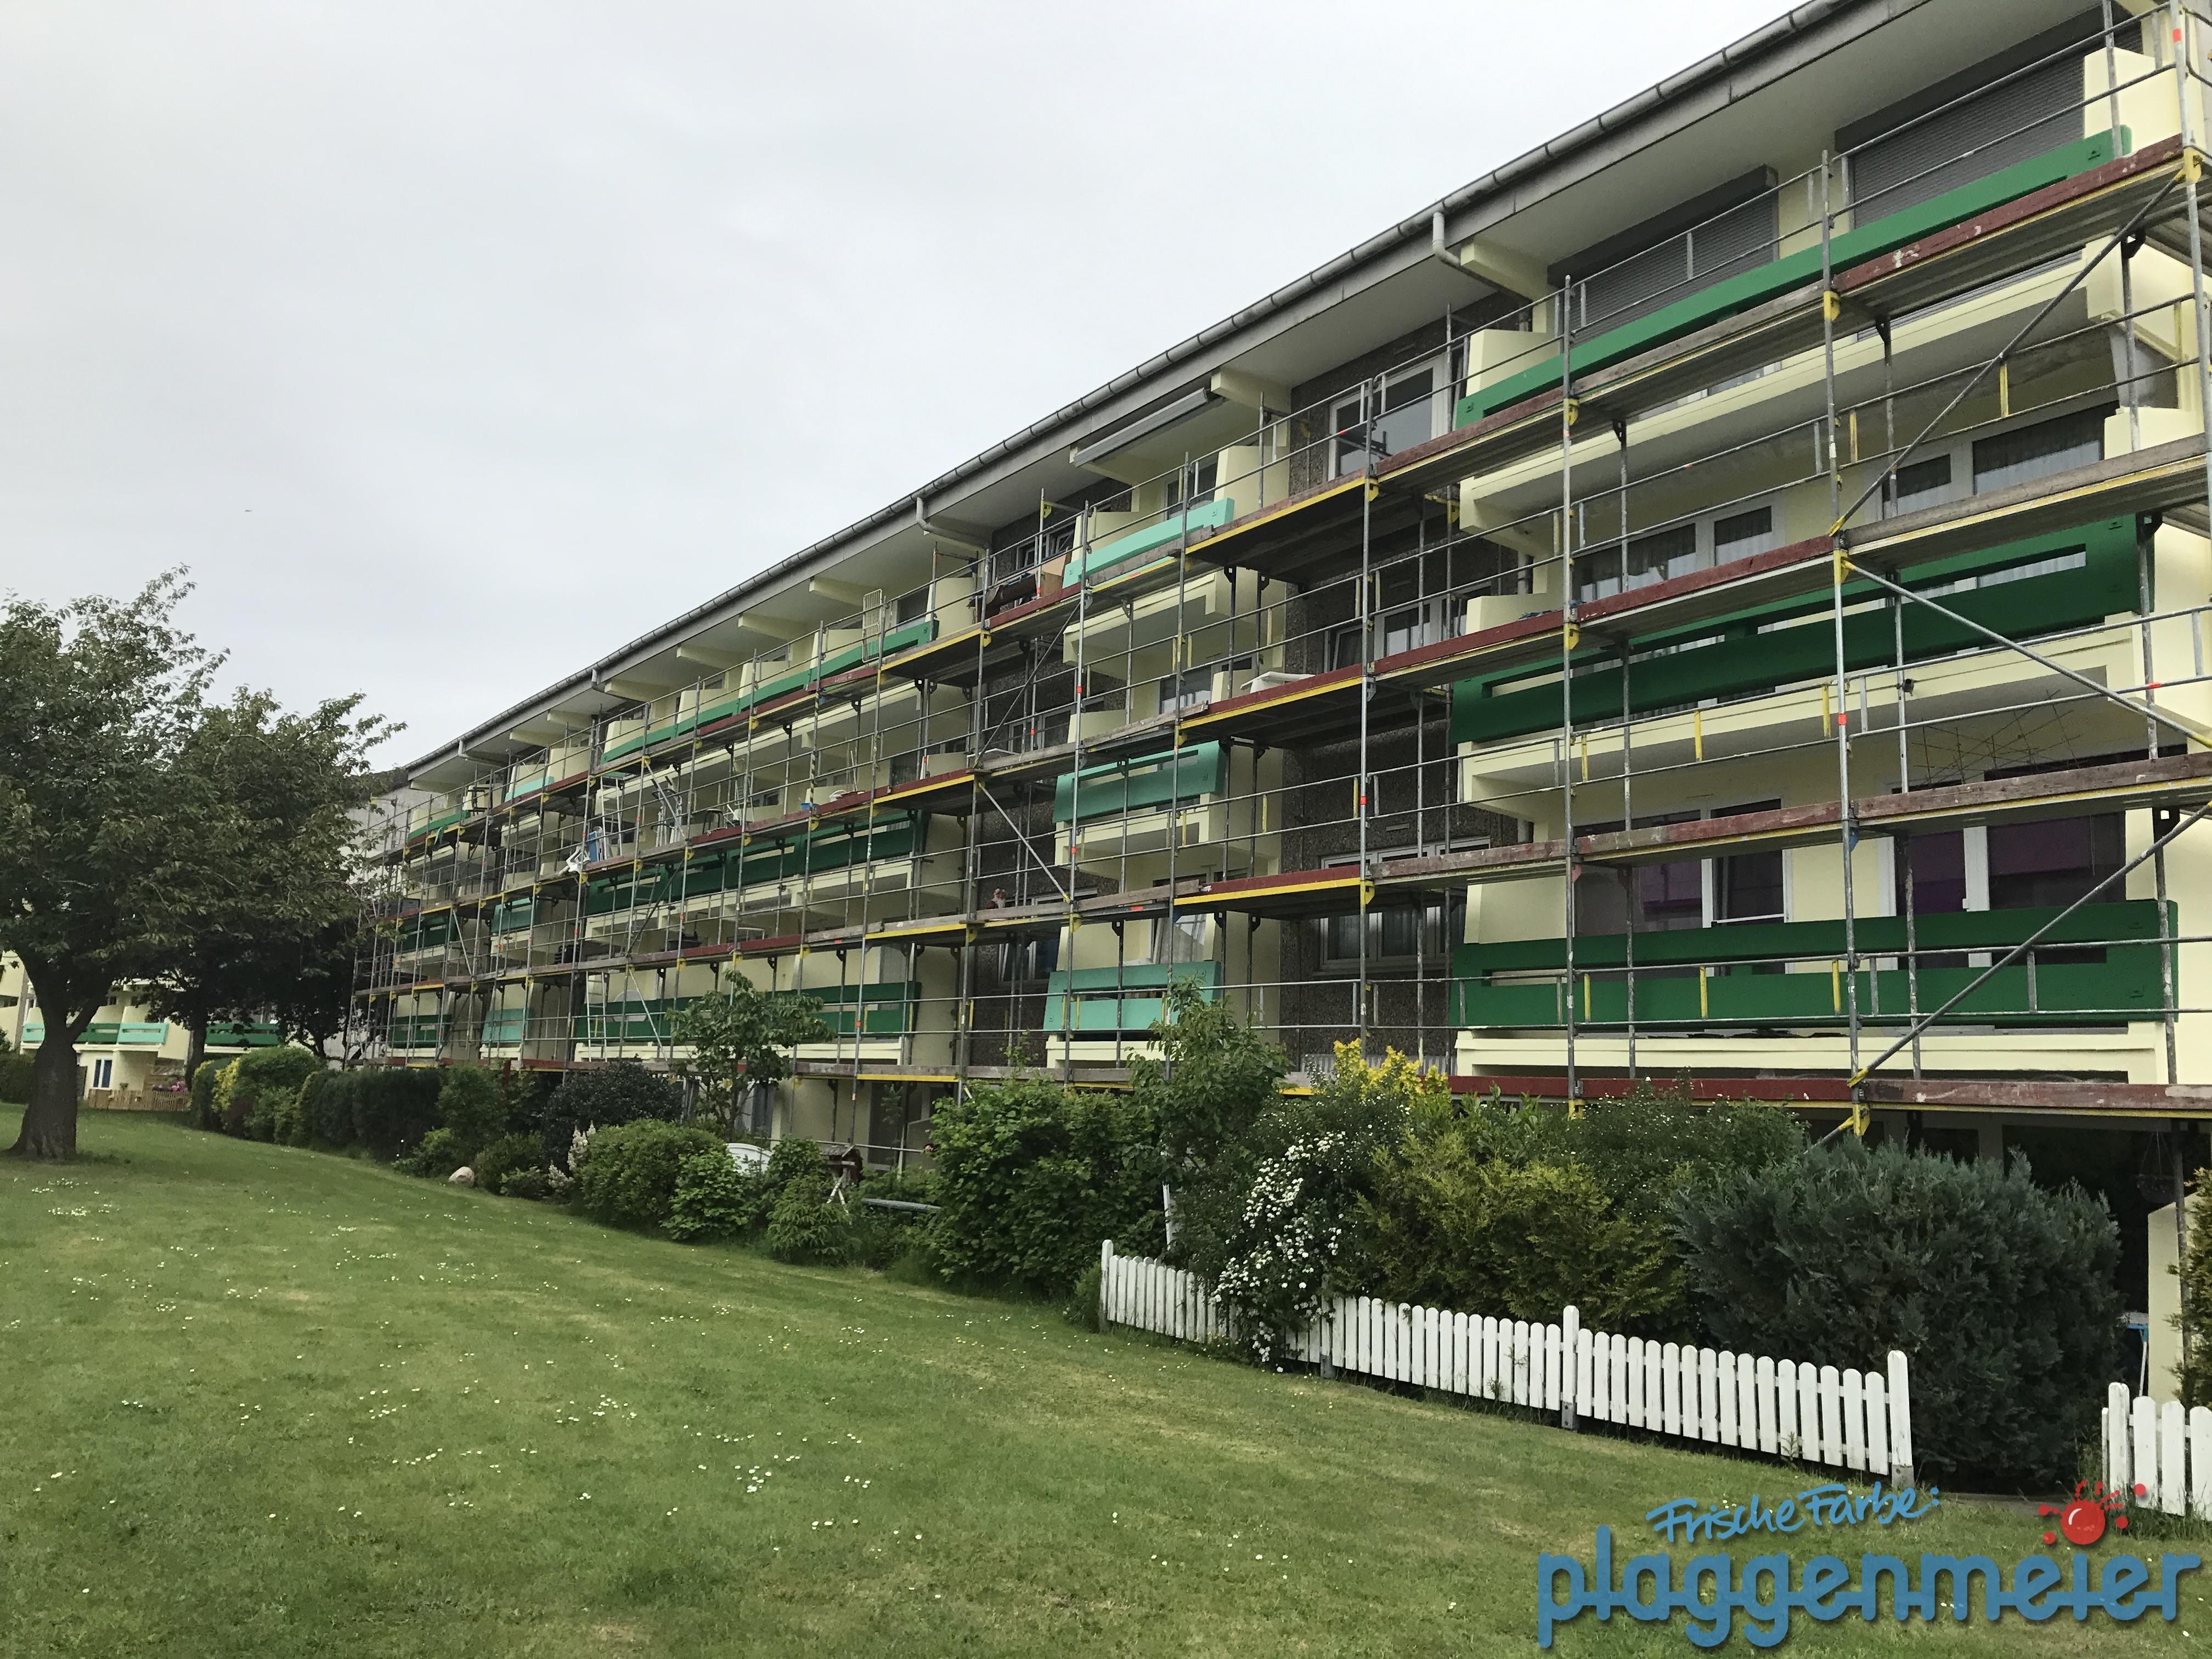 Betonsanierung und Malerarbeiten an Fassaden und Balkonen braucht natürlich viel Gerüst - der Wunschmaler macht´s!